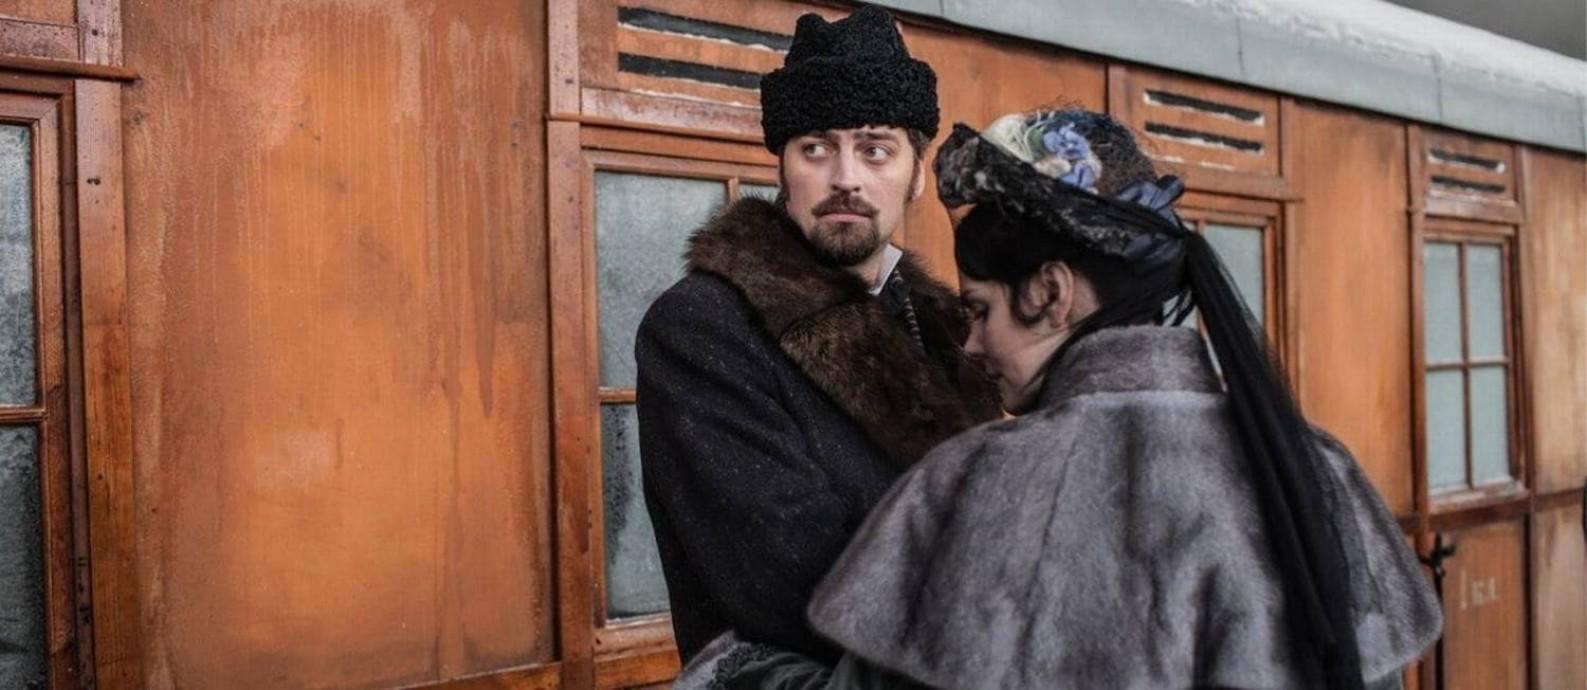 Cena de Anna Karenina: A história de Vronsky Foto: Divulgação